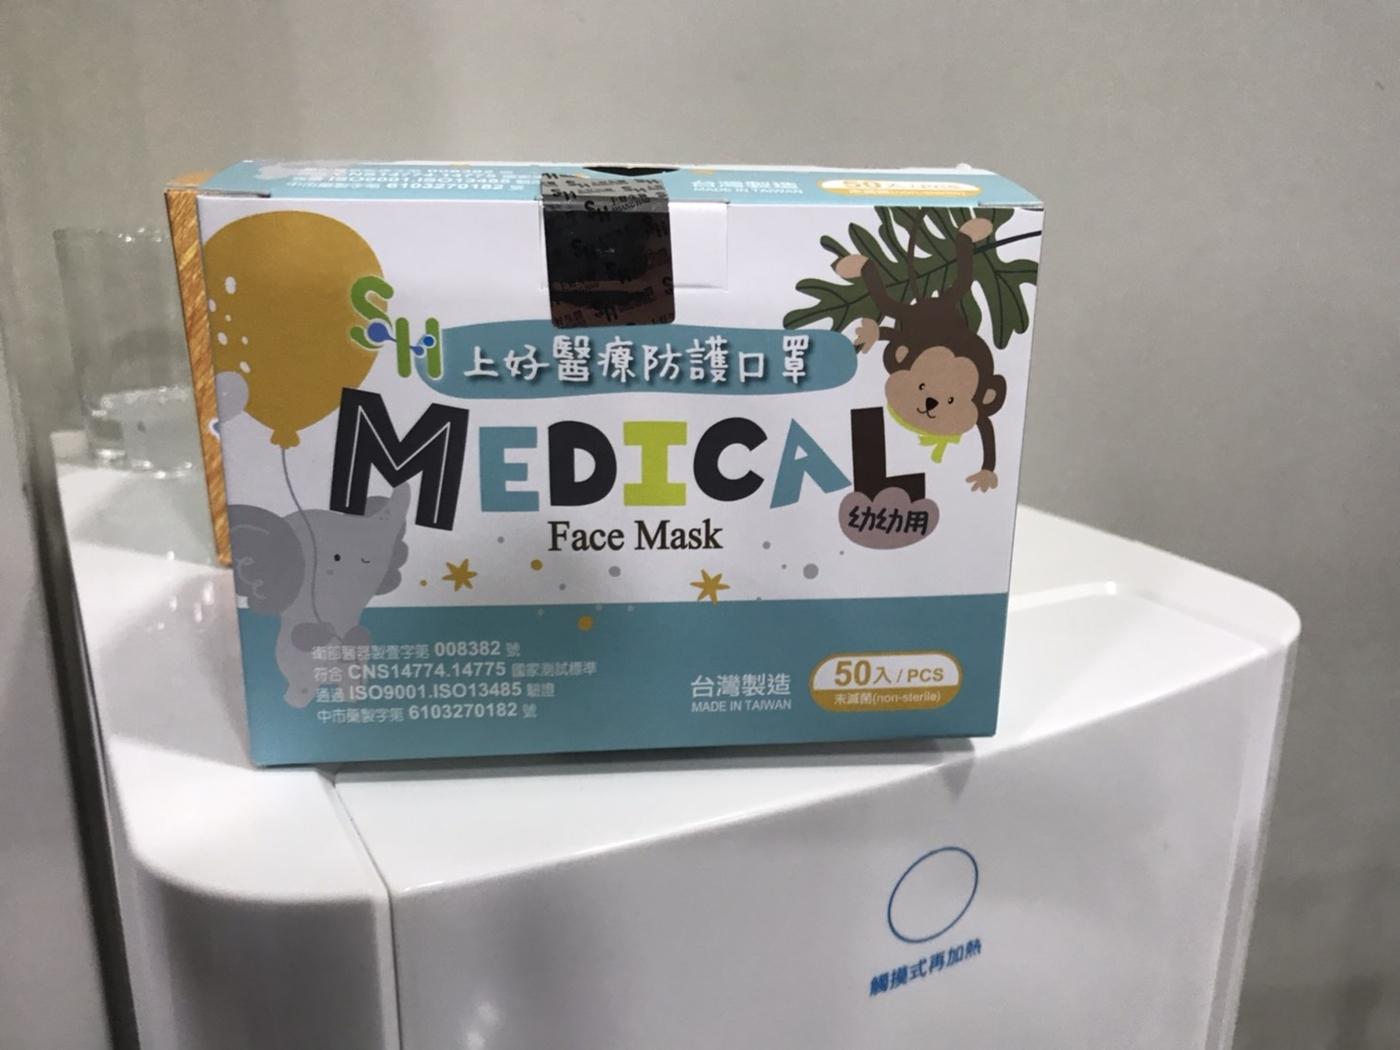 (買口罩送面罩)台灣國家隊製造 口罩雙鋼印 上好幼幼醫療平面口罩(50入)